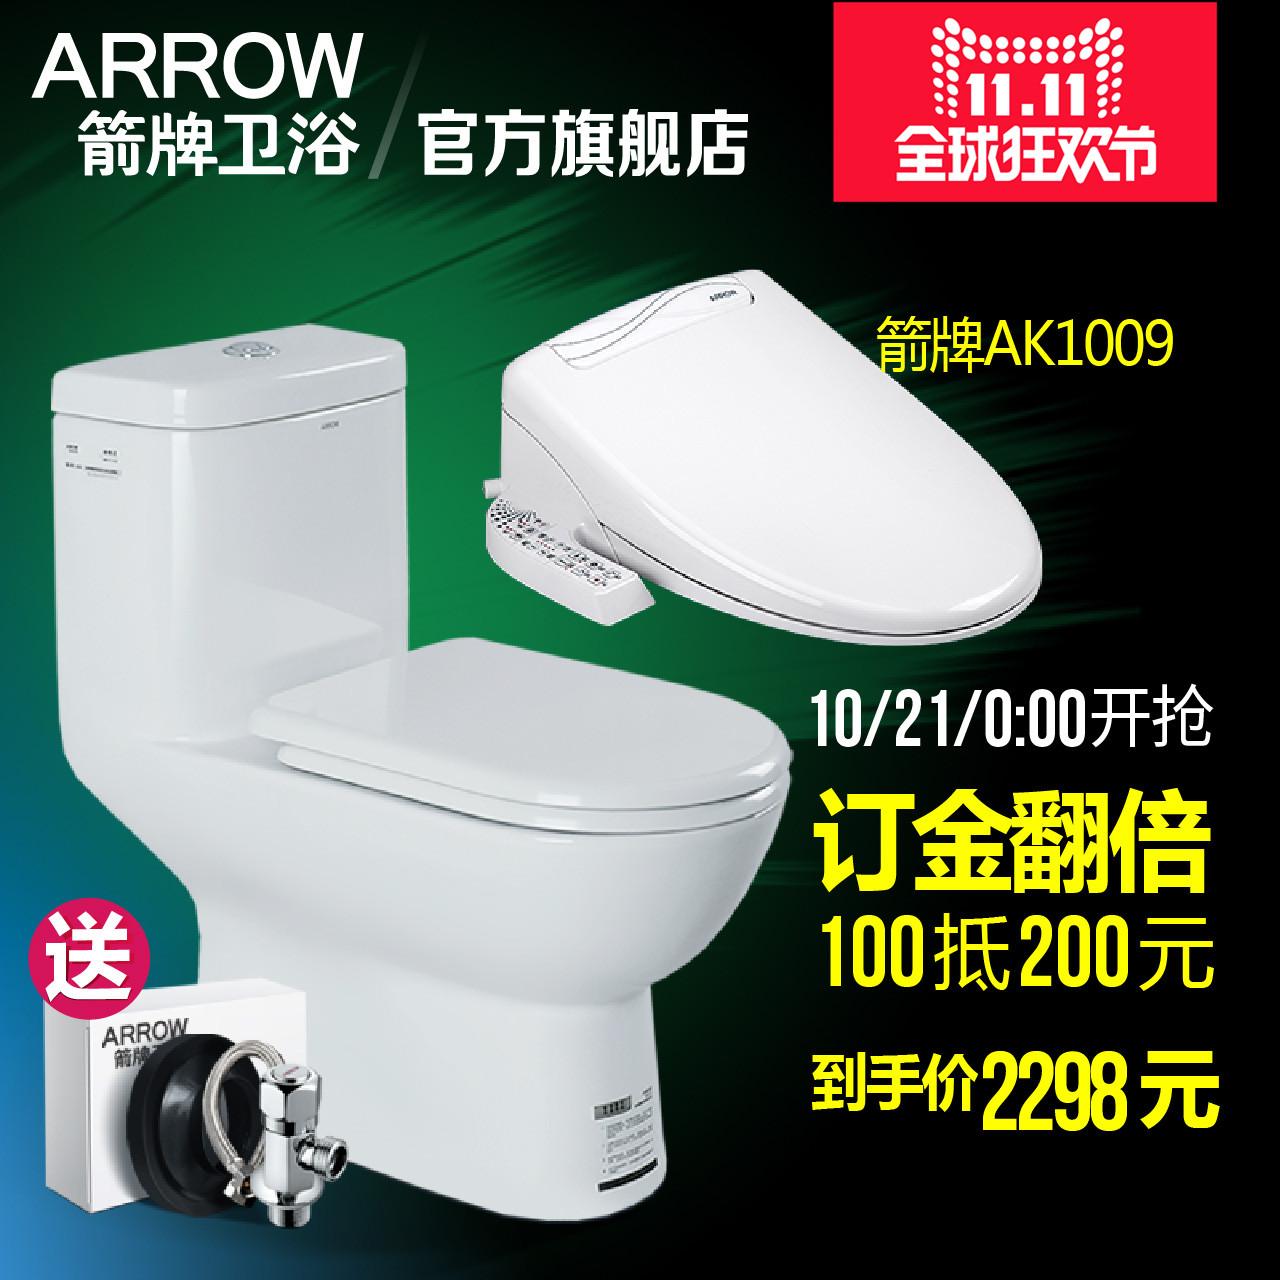 China Hot Sale Smart, China Hot Sale Smart Shopping Guide at Alibaba.com